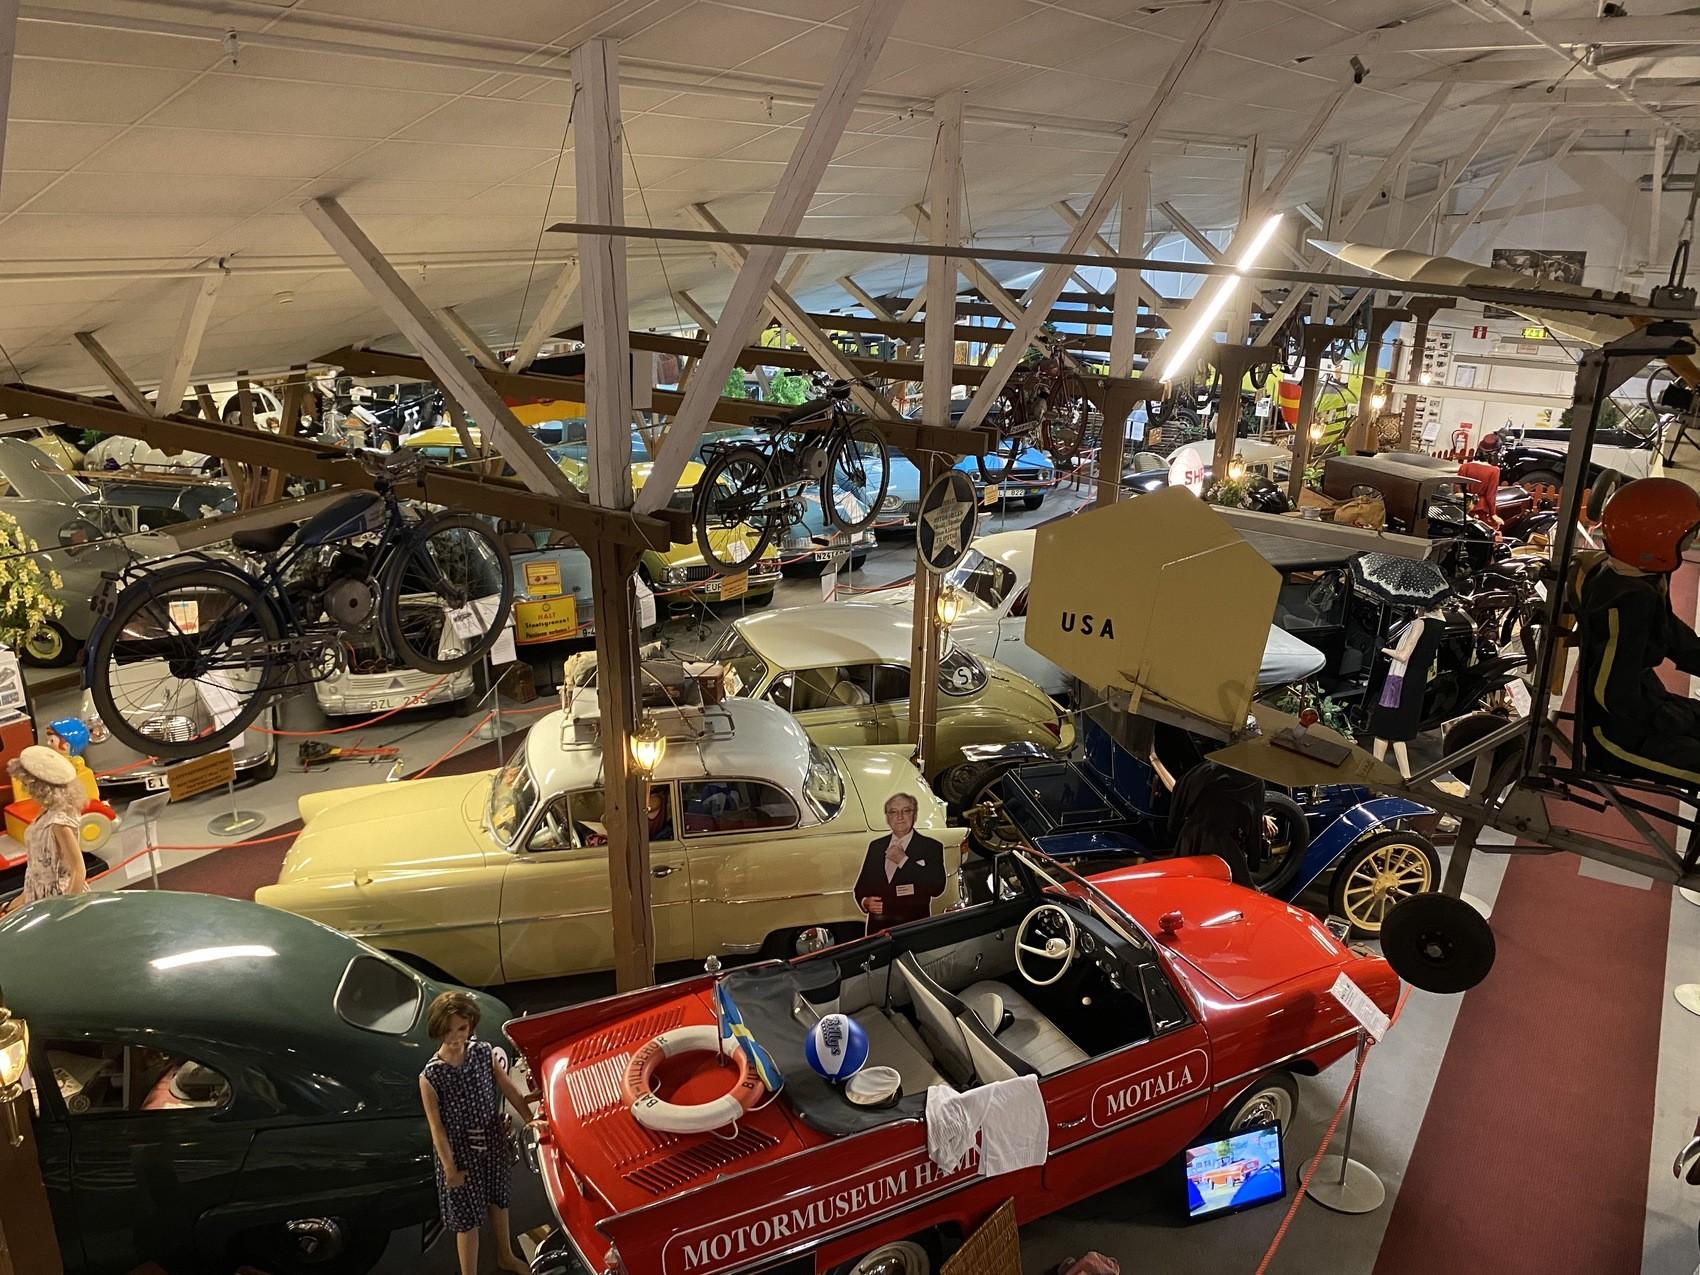 Foto taget uppifrån på en stor samling bilar som står fint uppradade, i taket hänger cyklar och mopeder. Samtliga fordon är mycket gamla.